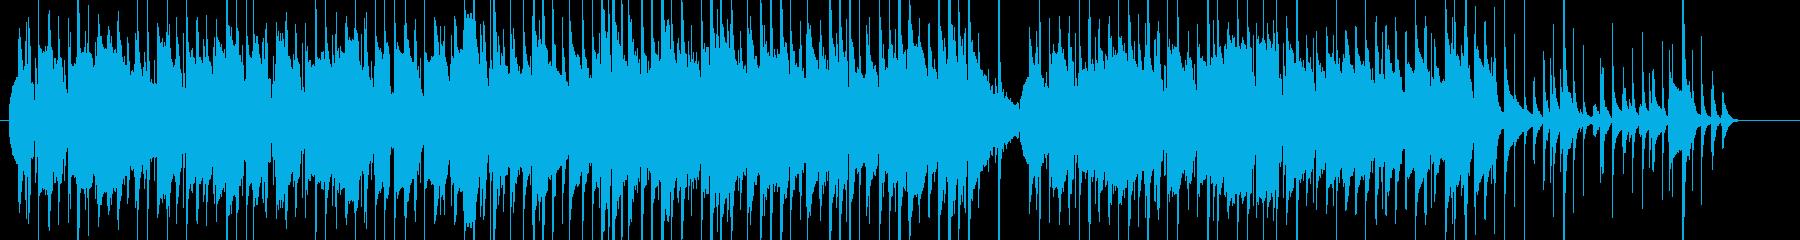 サックスとピアノが旋律のジャズ風楽曲の再生済みの波形